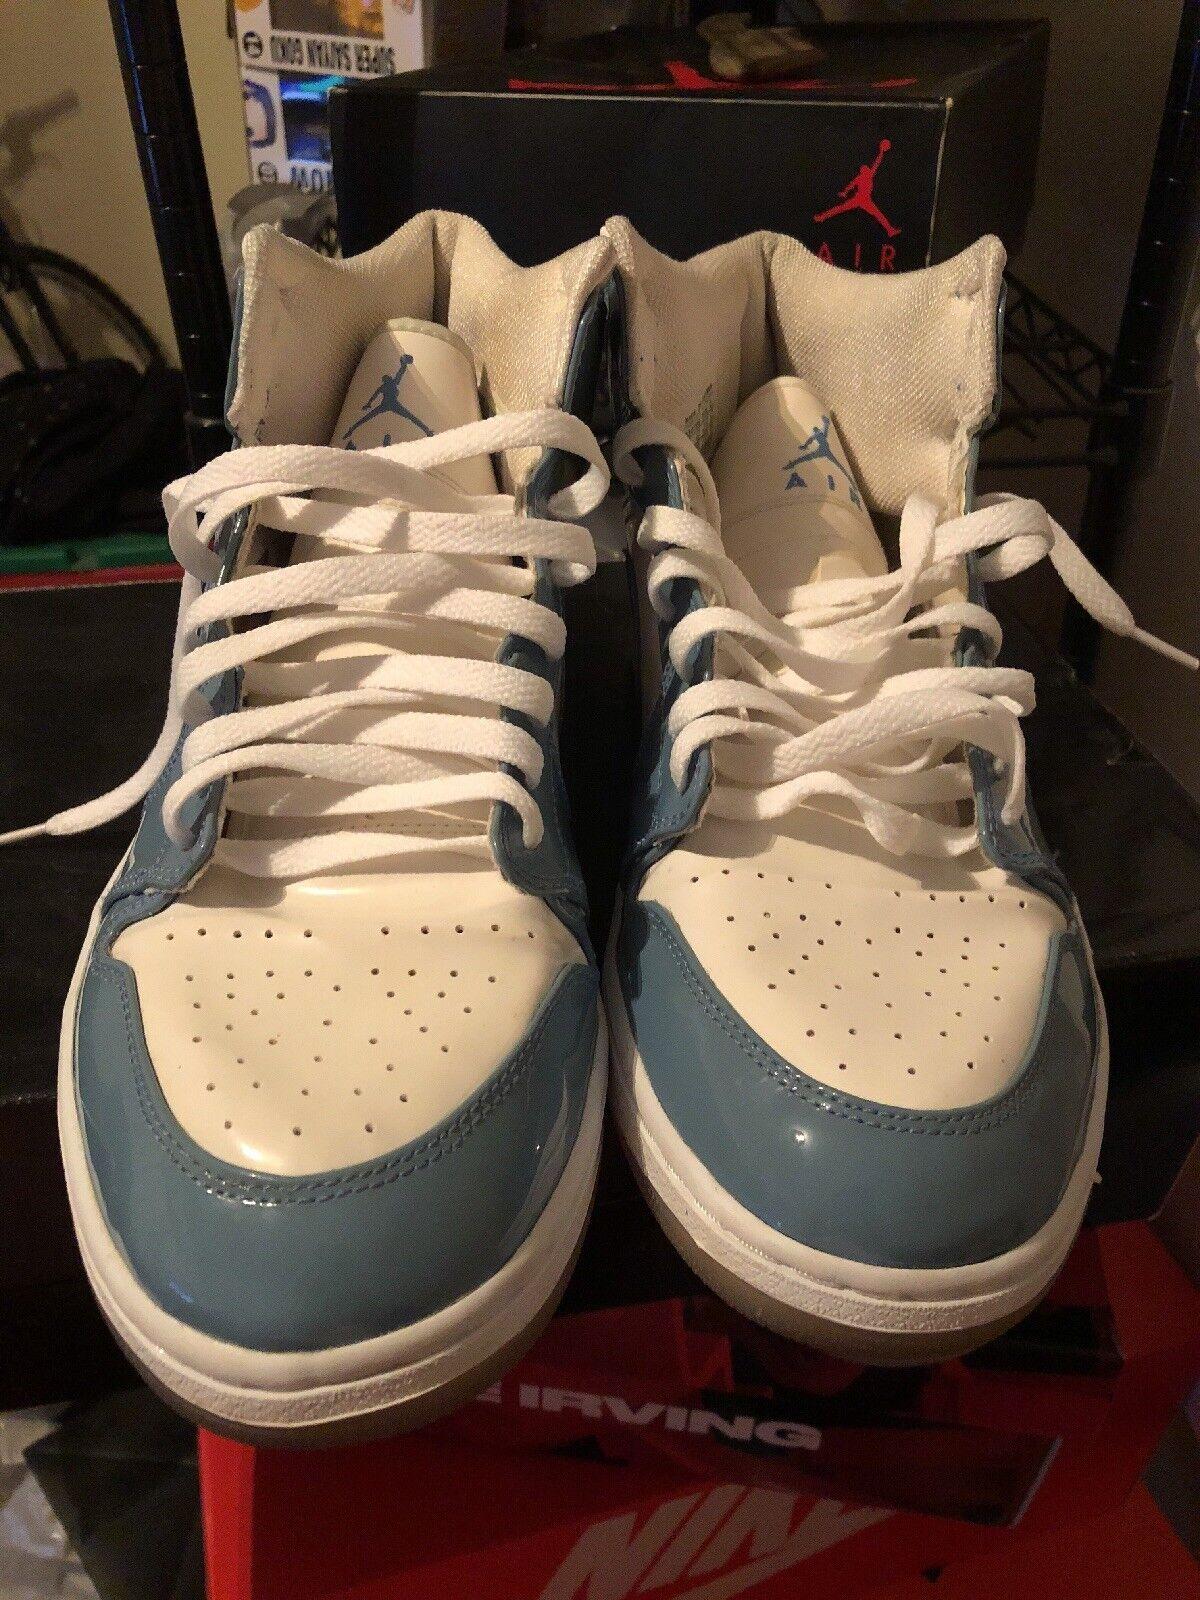 c4e33b0c879c5 Air Jordan 1 Nike Retro 2003 Patent Leather 136085 140 Reveal Grey Orange  White Uni Blue